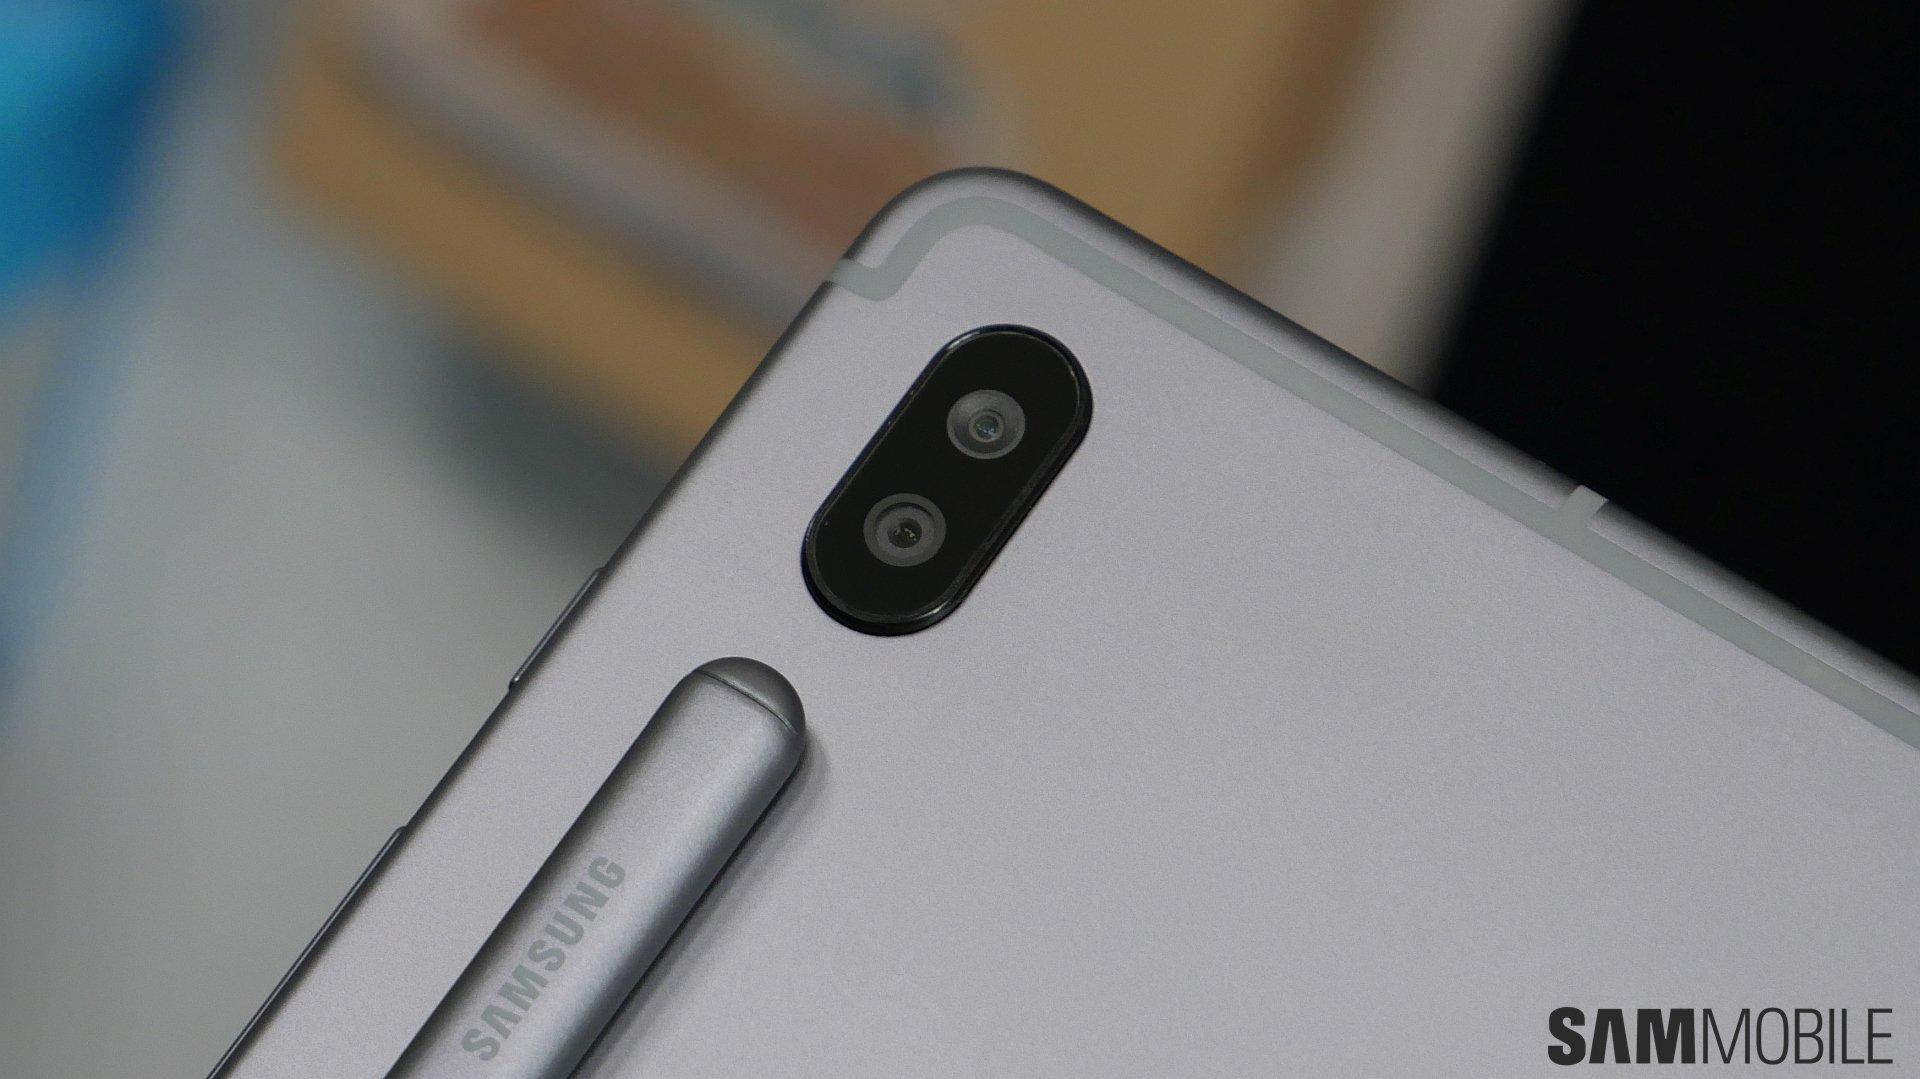 Samsung Galaxy Đánh giá Tab S6: máy tính bảng Android tốt nhất năm 2019 6